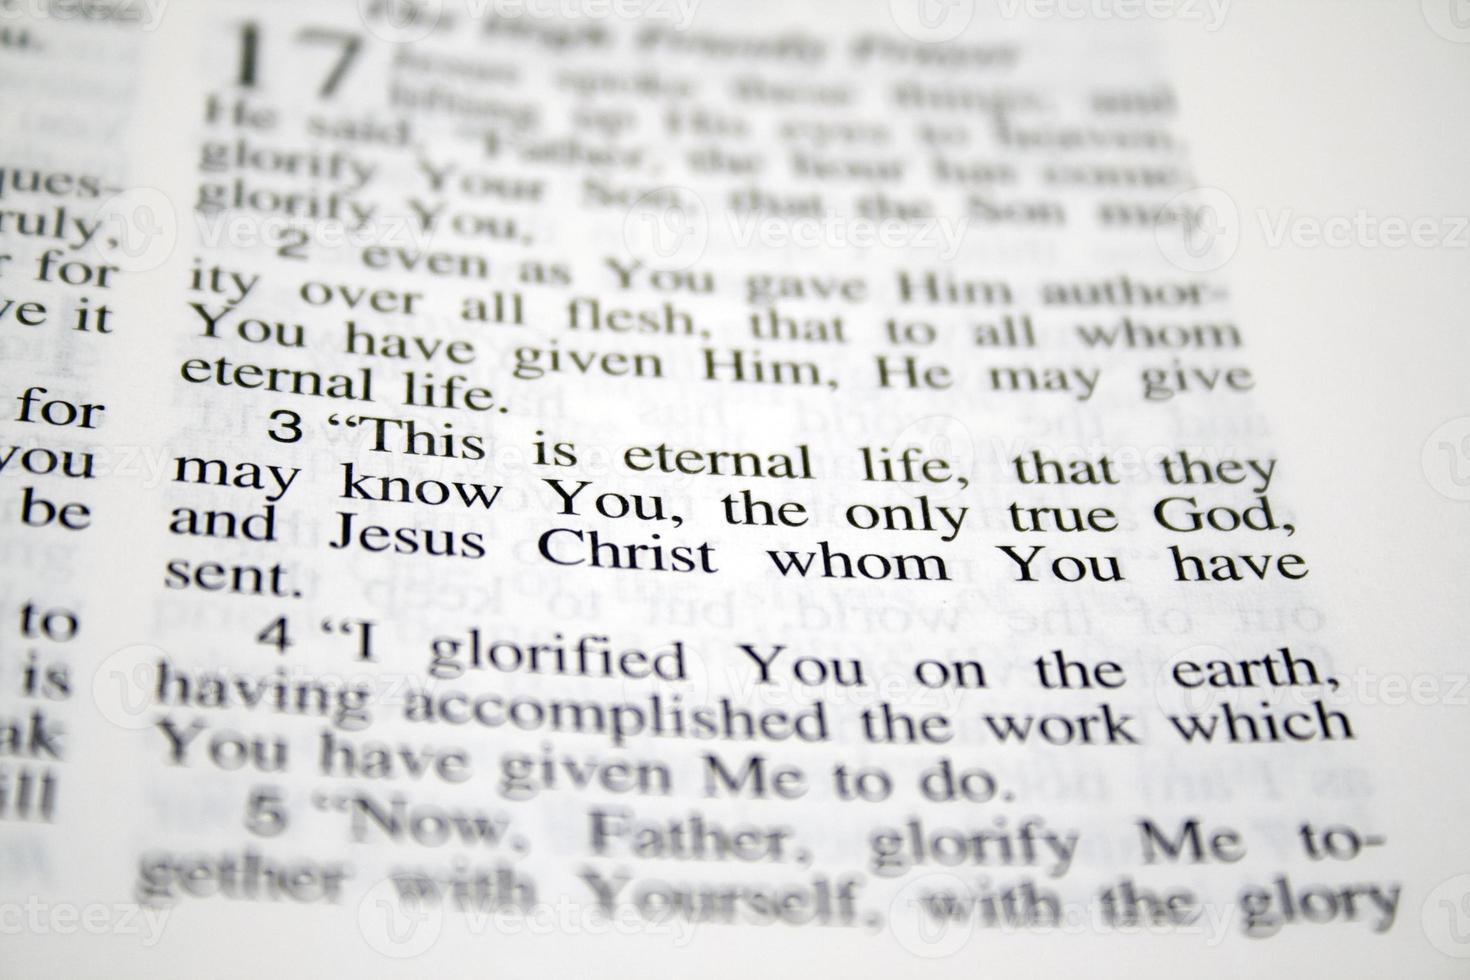 isso é vida eterna ... foto